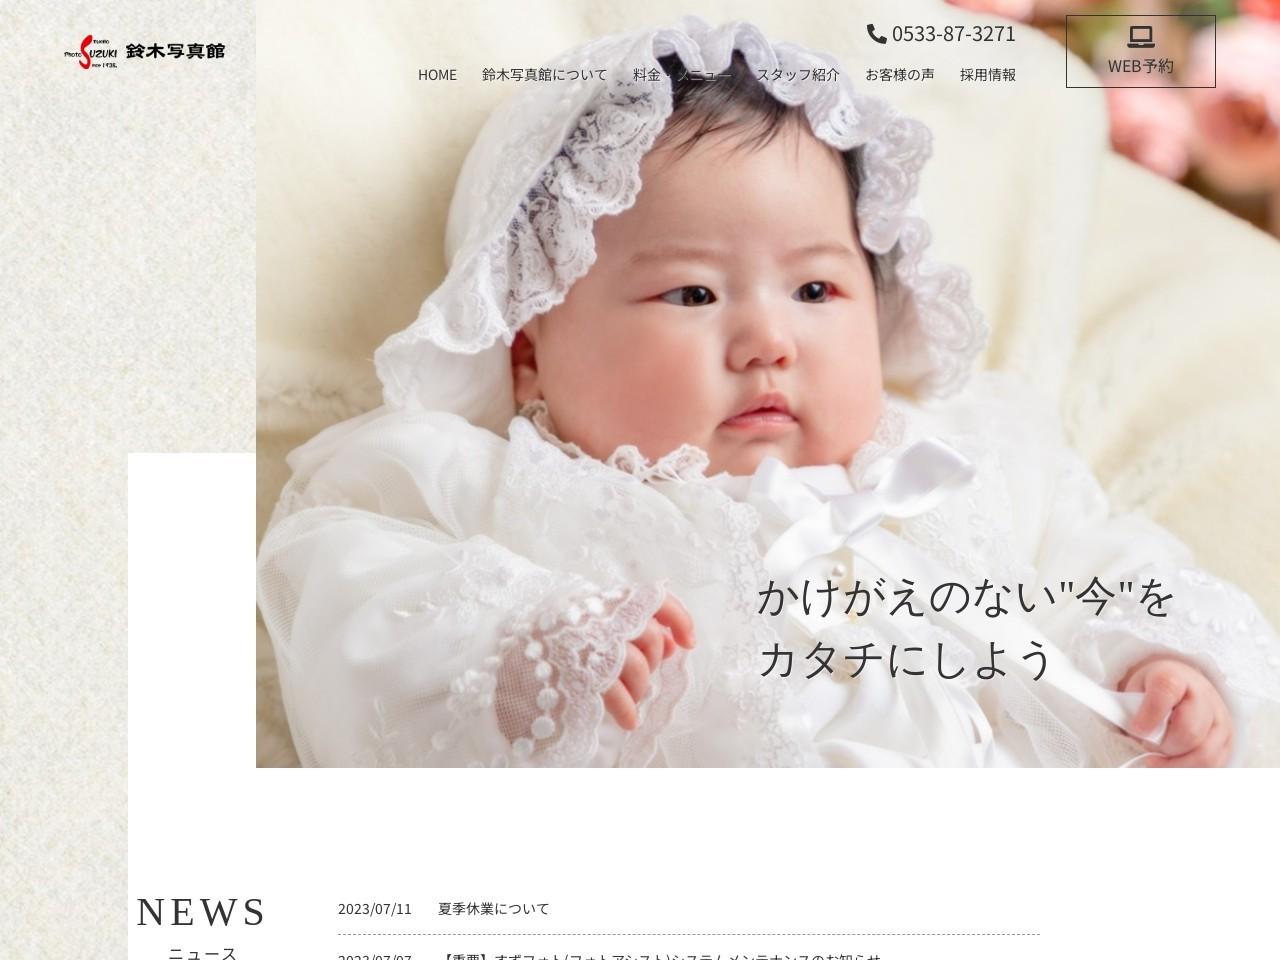 株式会社鈴木写真館